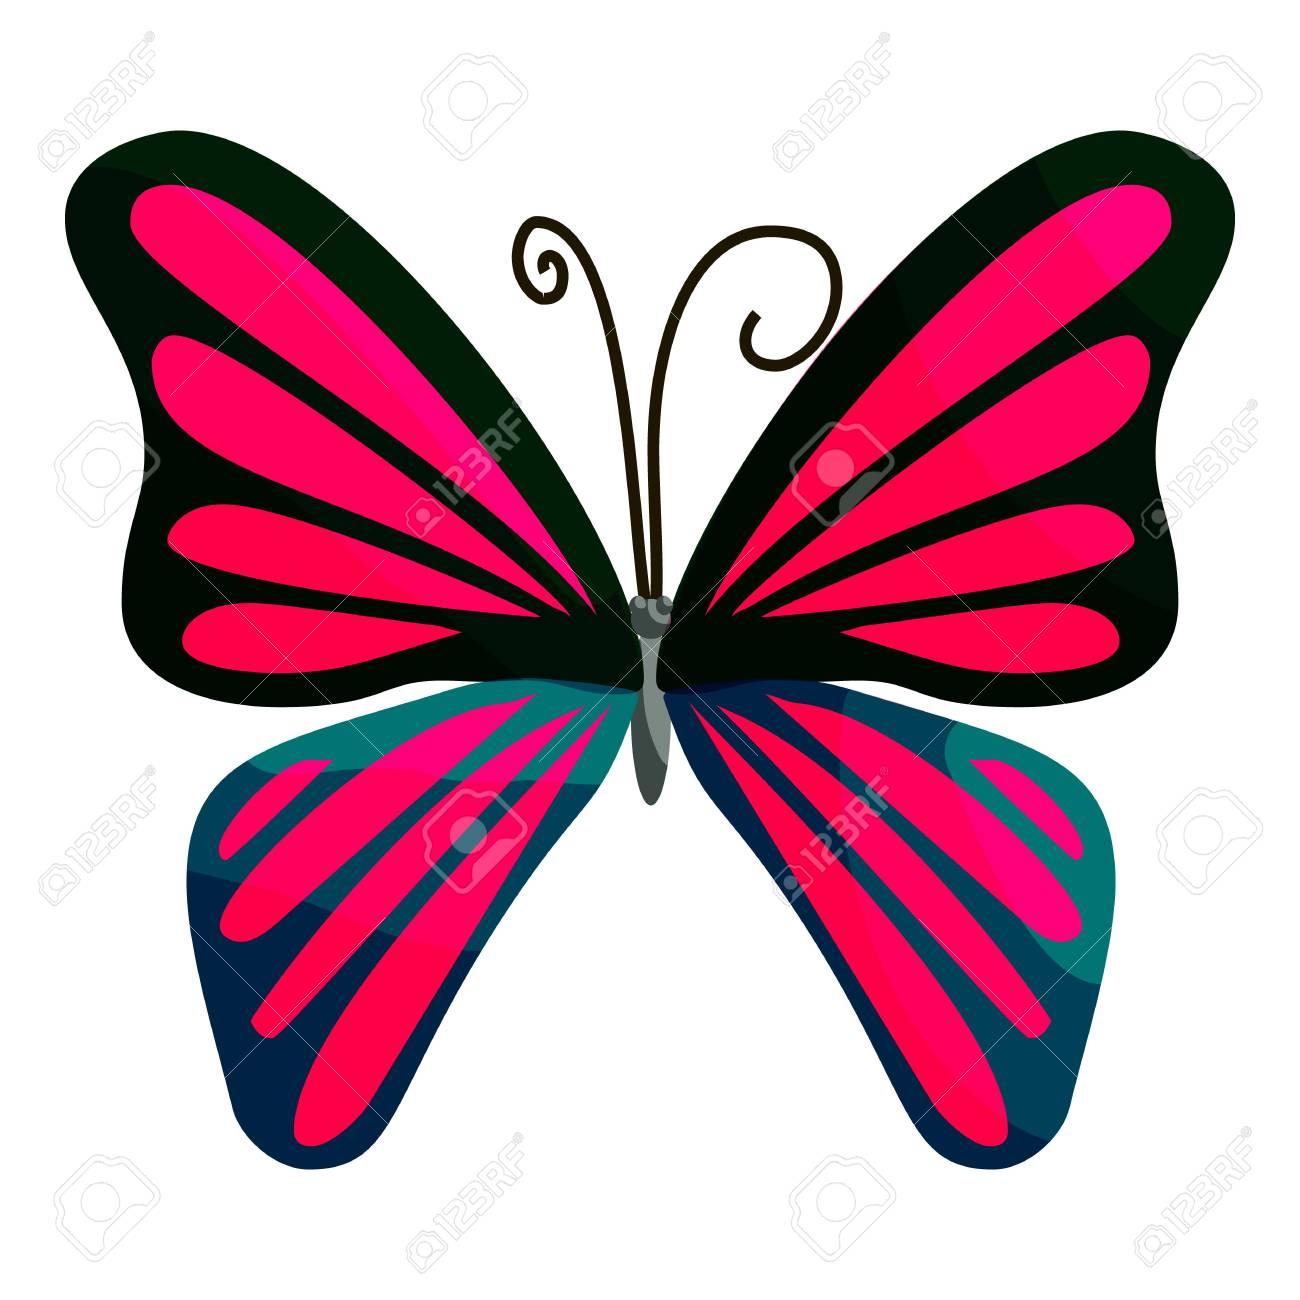 Icono De La Mariposa De Color Rosa Ilustración De Dibujos Animados